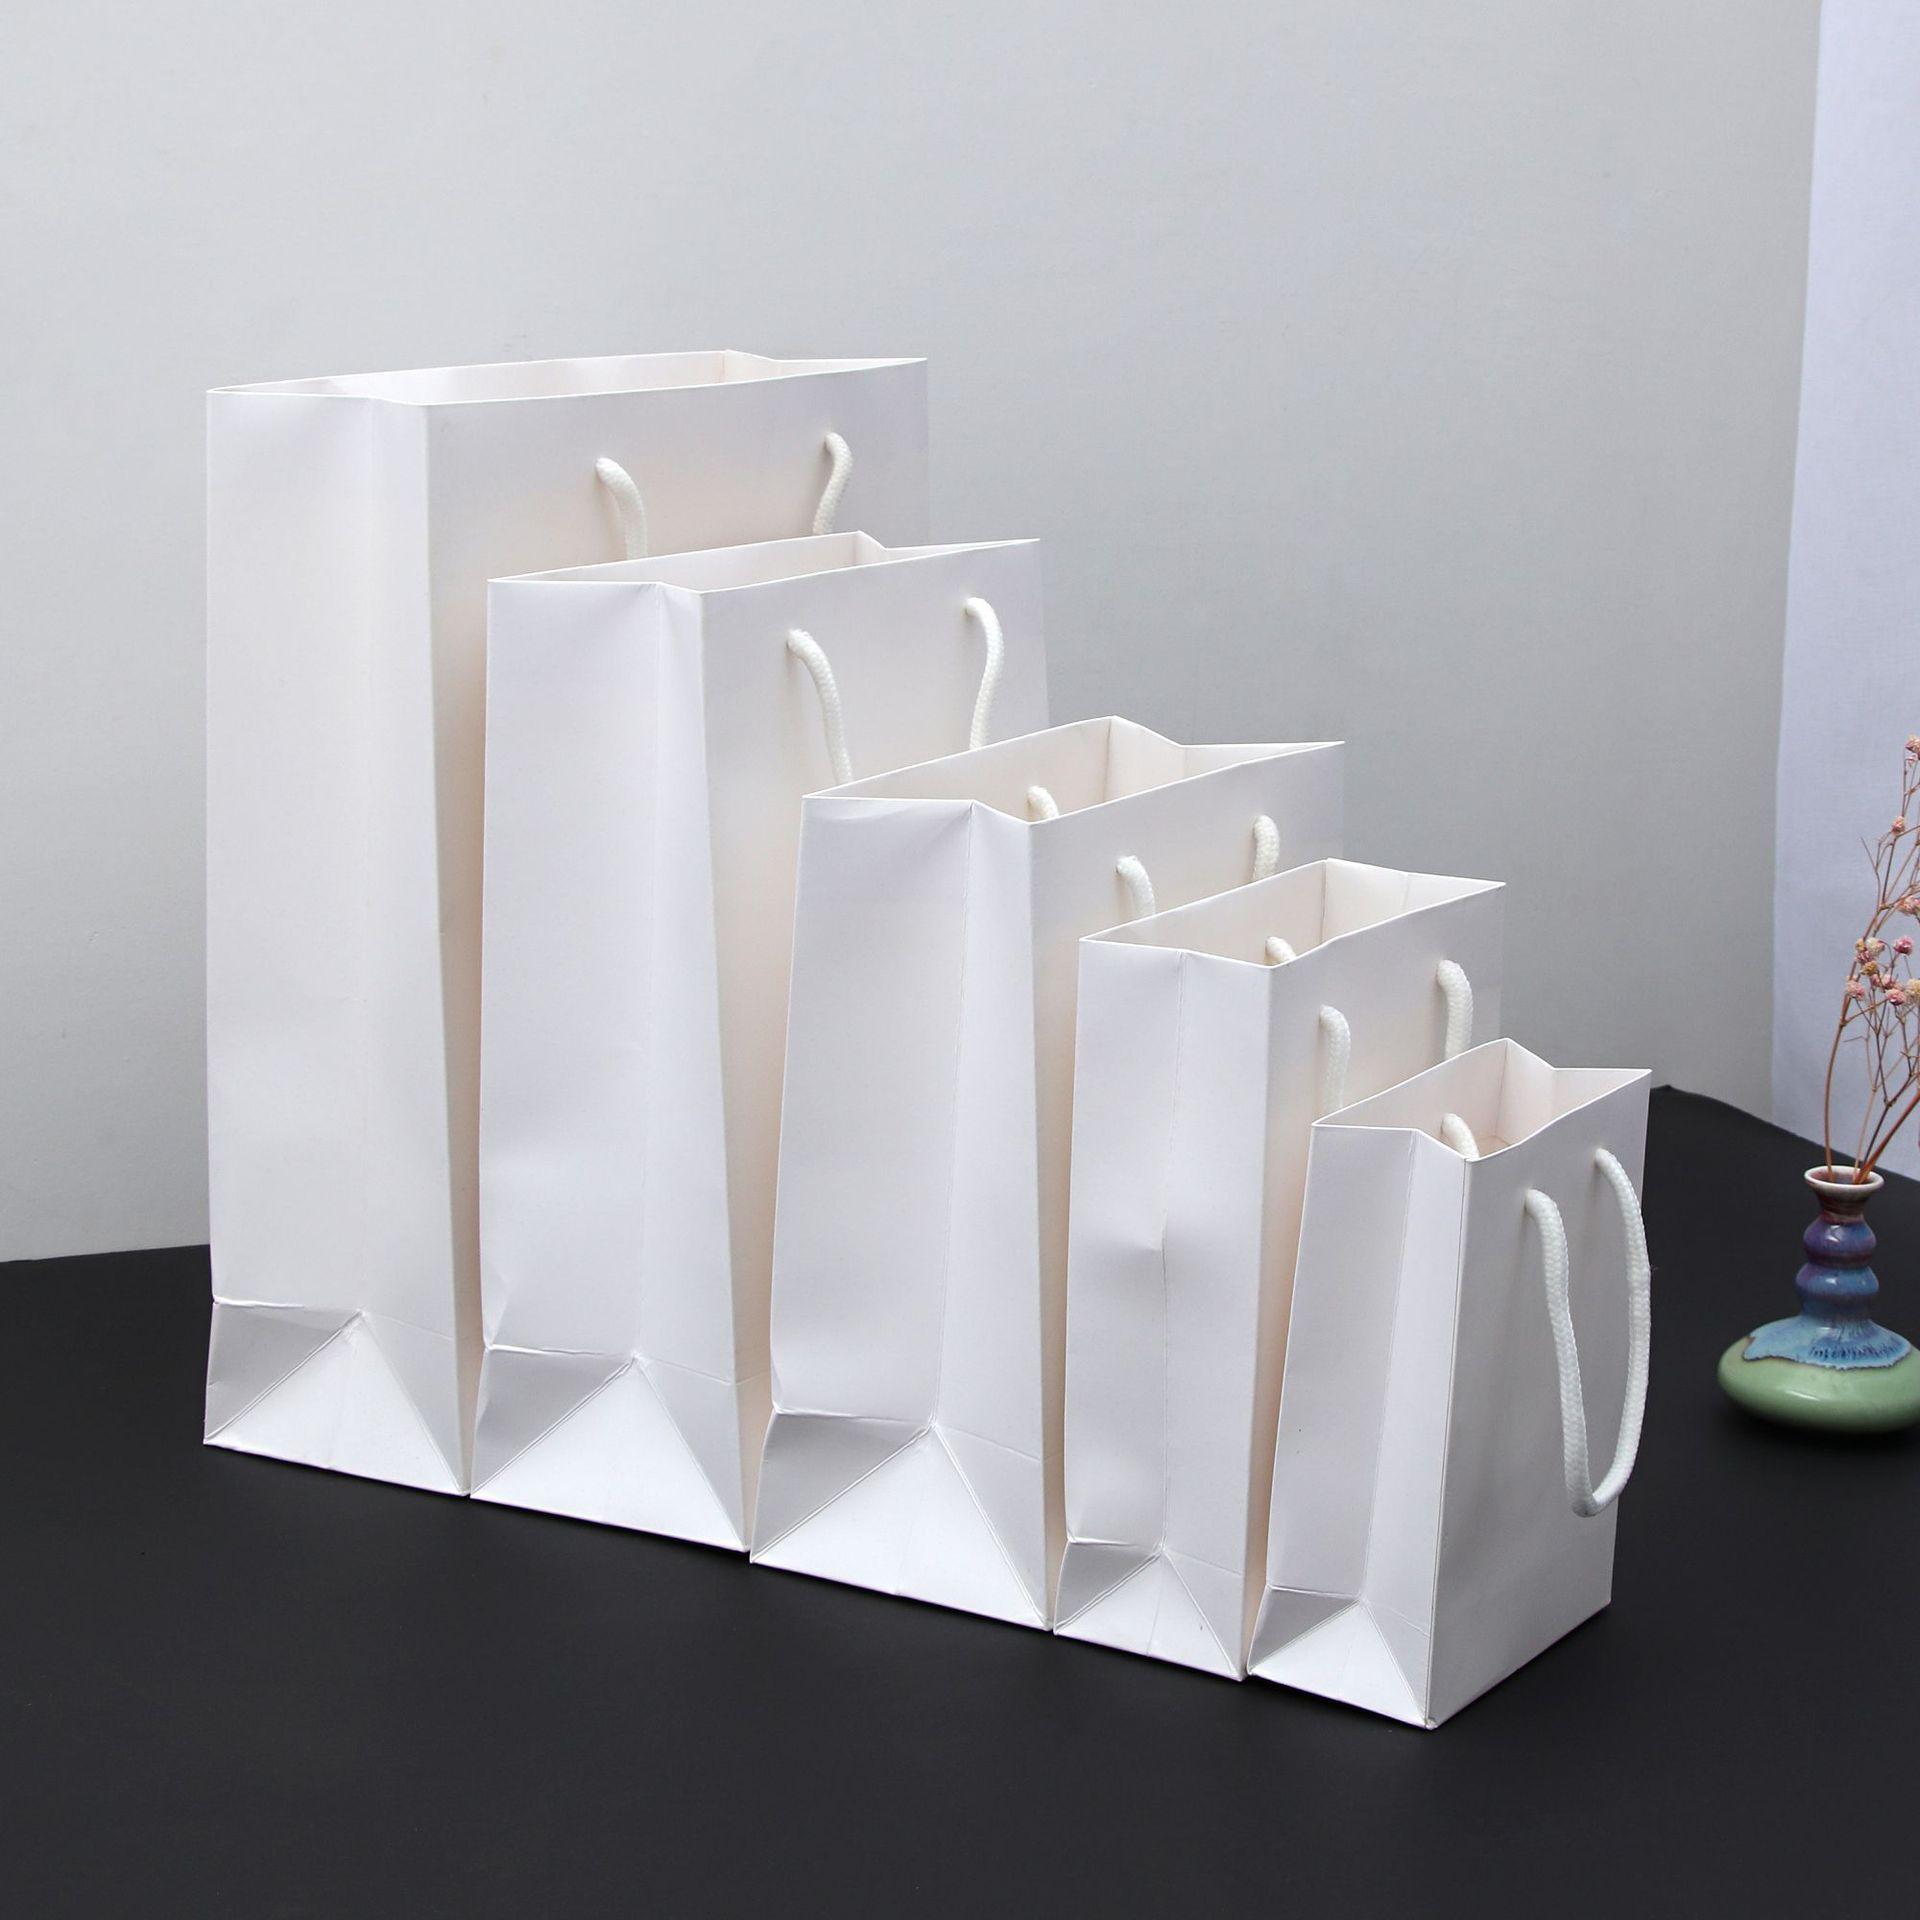 YIDAIKU NLSX bao bì 2019 túi bìa cứng màu trắng bao bì tote túi in tại chỗ quà tặng túi mua sắm tùy